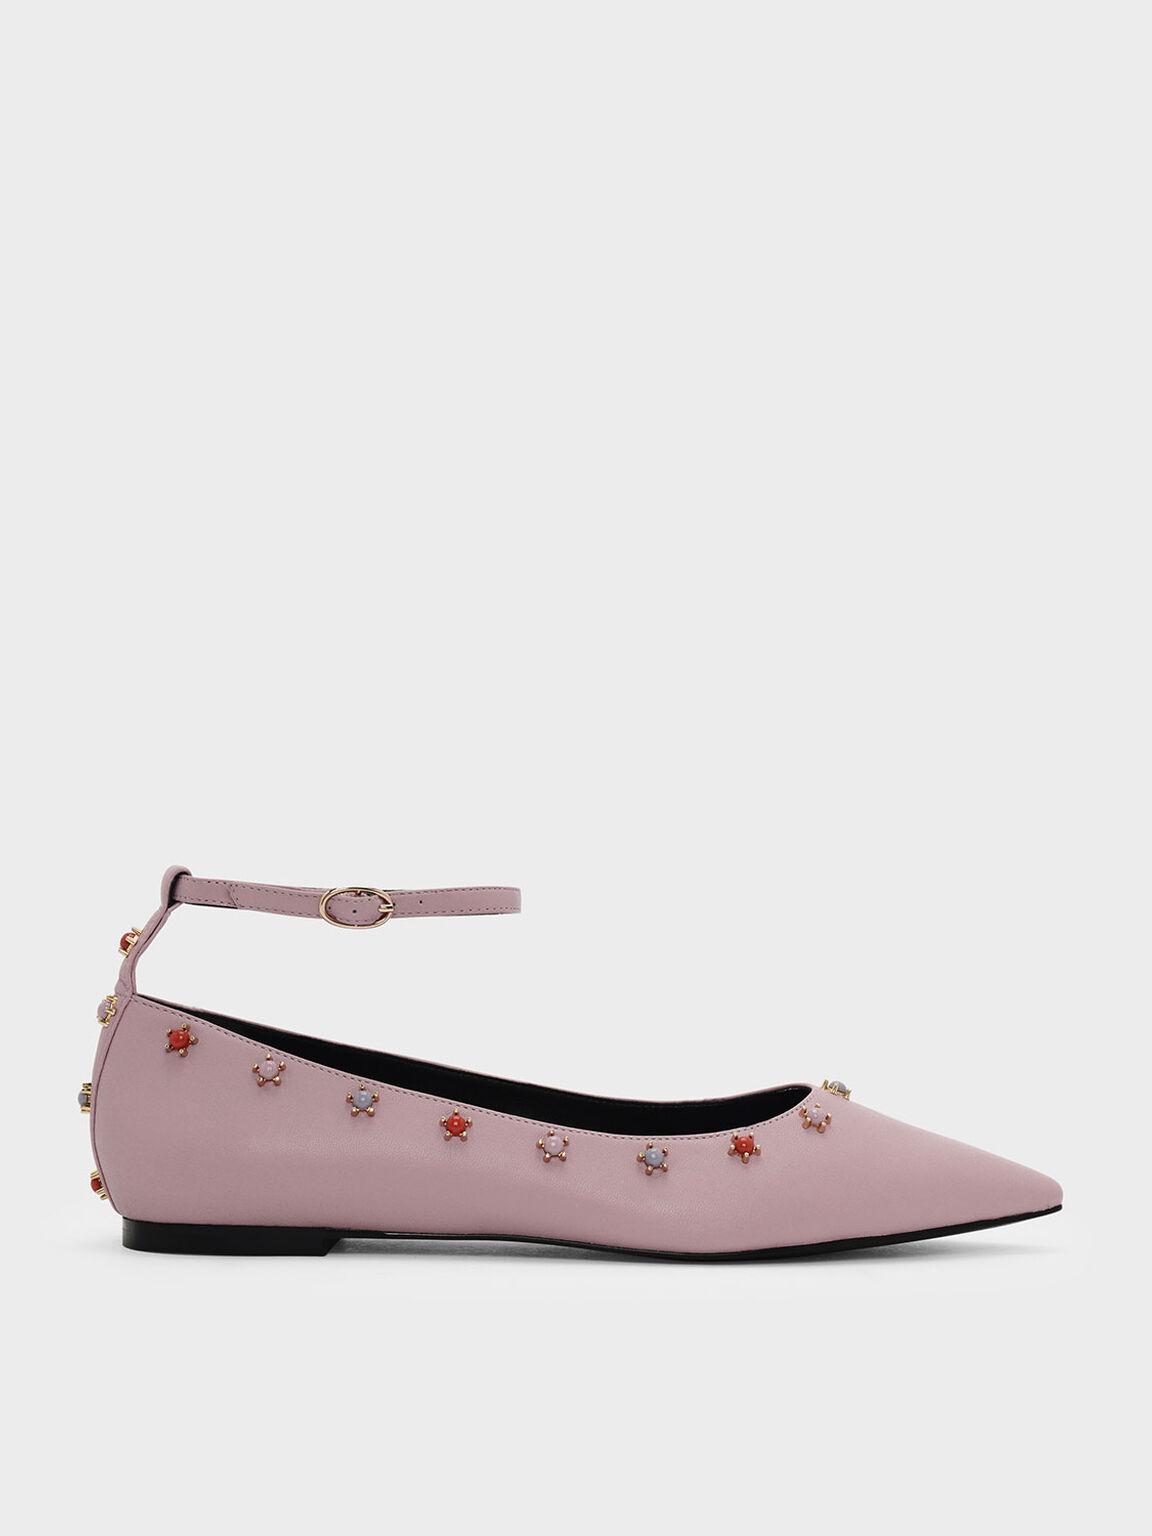 Ankle Strap Embellished Leather Flats, Pink, hi-res